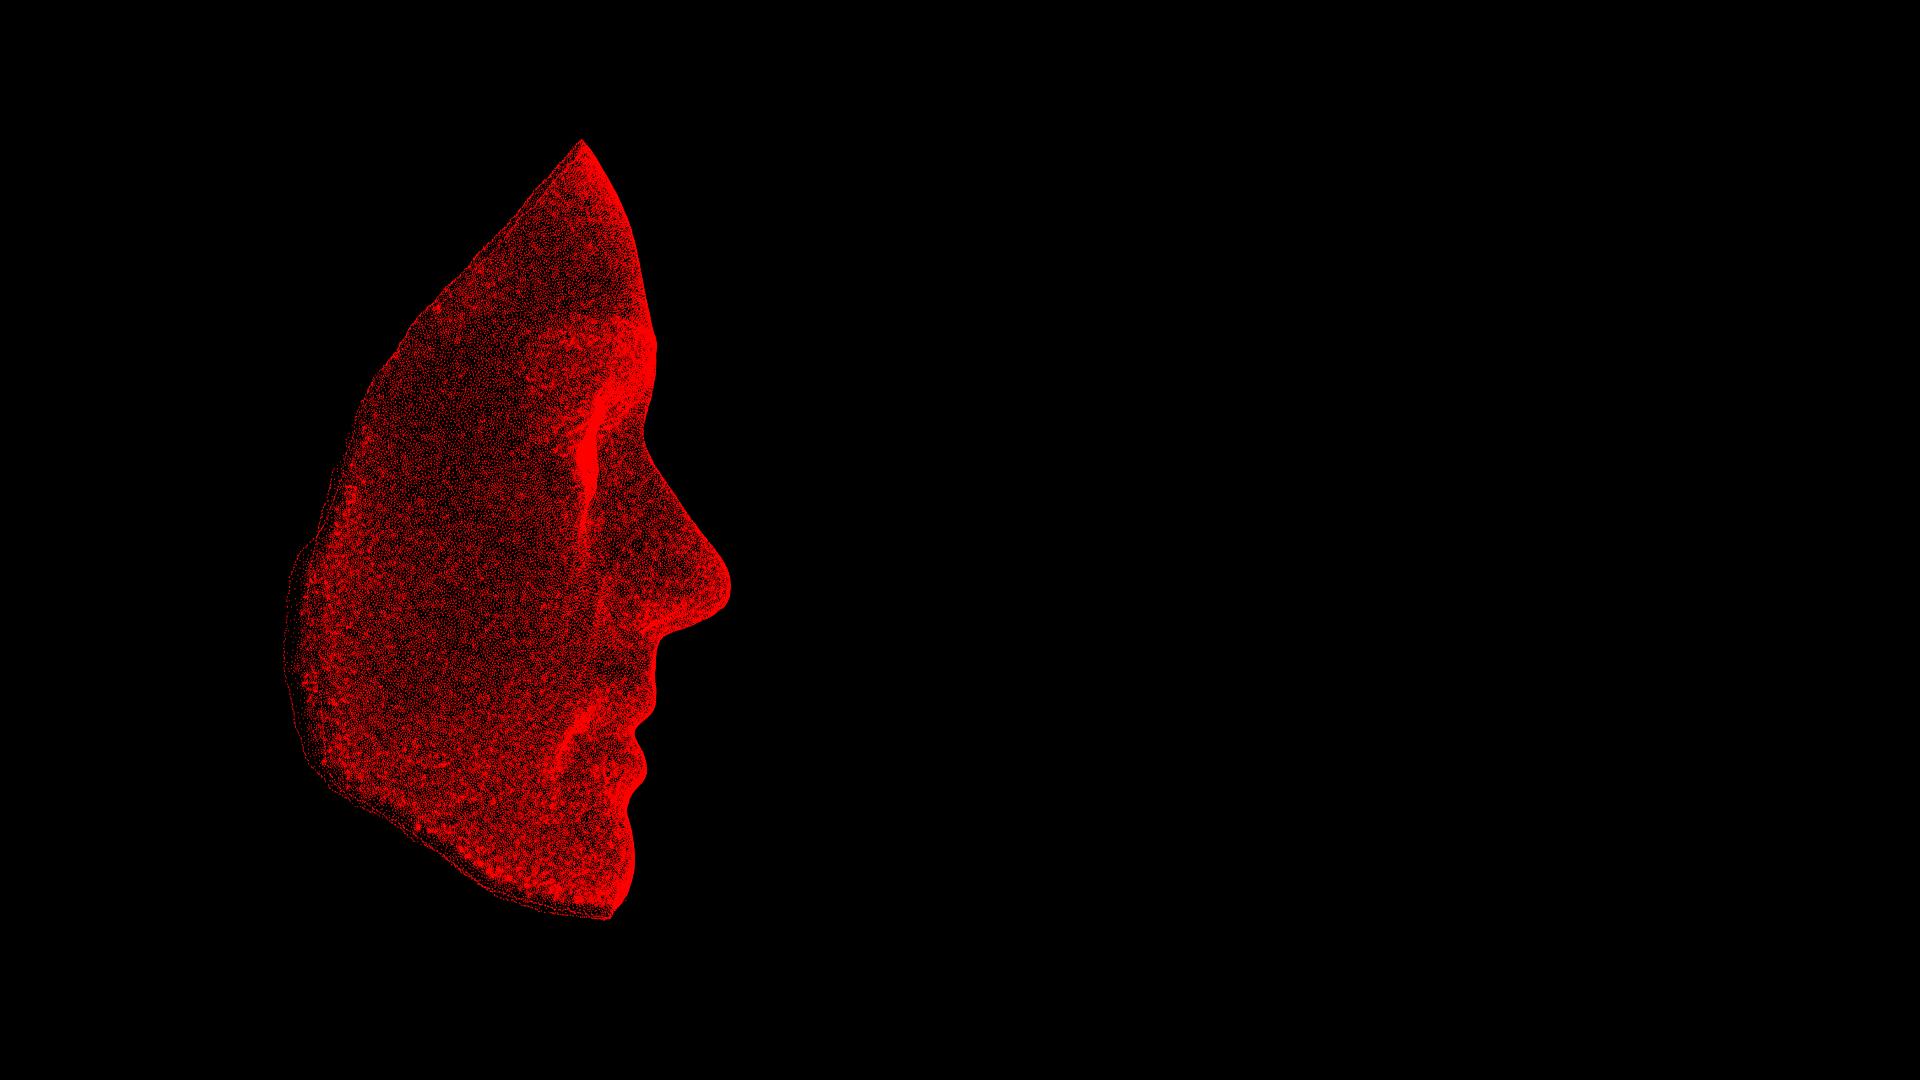 siii_mcrae pt cloud red 02_1920 x 1080.jpg